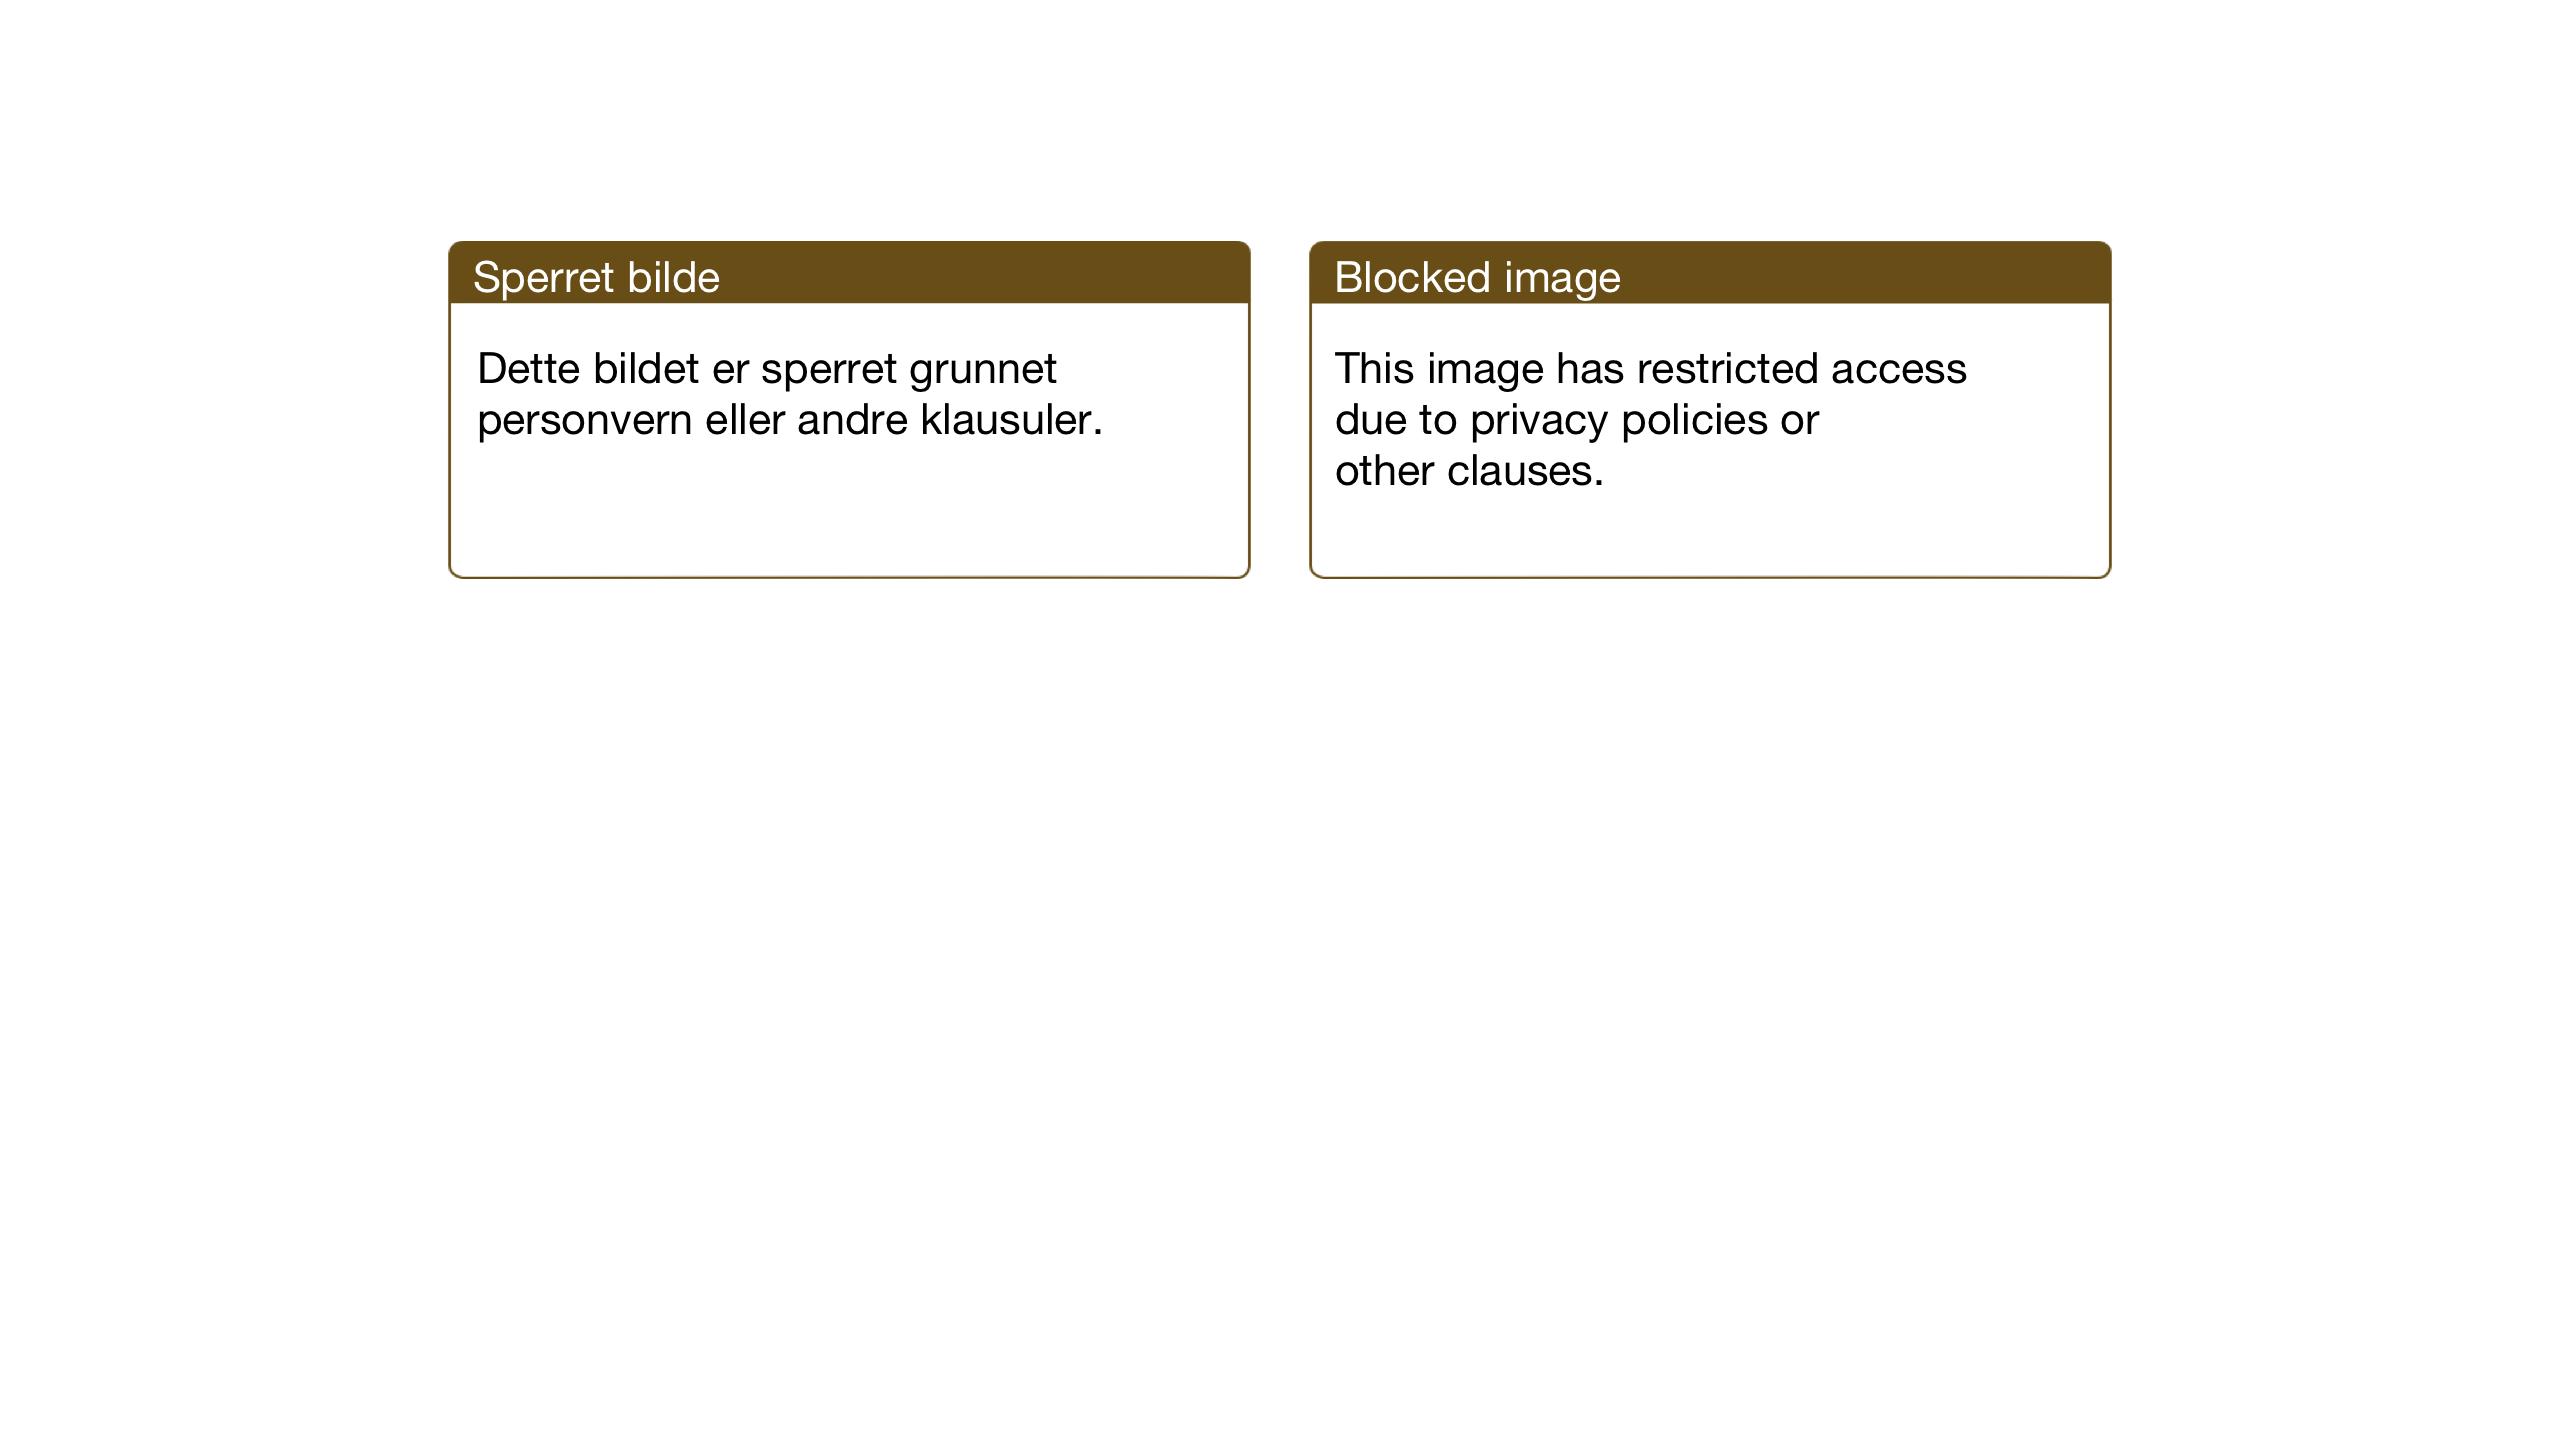 SAT, Ministerialprotokoller, klokkerbøker og fødselsregistre - Sør-Trøndelag, 640/L0590: Klokkerbok nr. 640C07, 1935-1948, s. 156